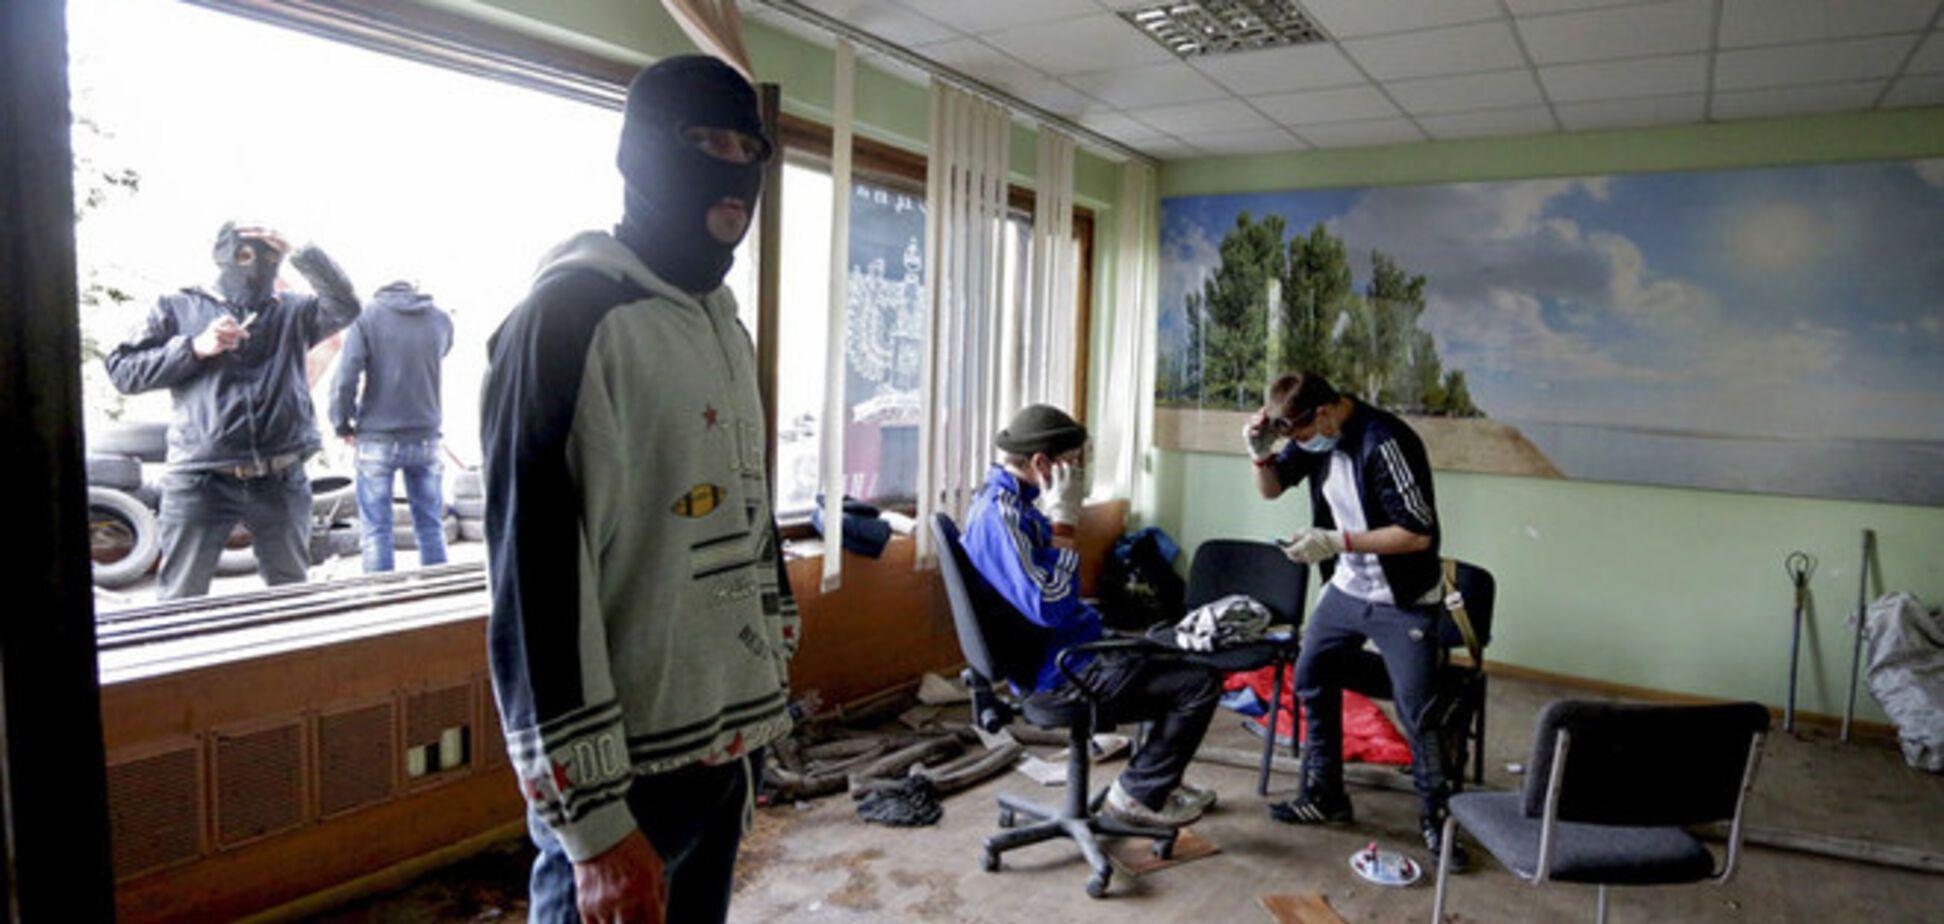 Похищенный 9 мая начальник Мариупольского горуправления милиции найден повешенным - СМИ